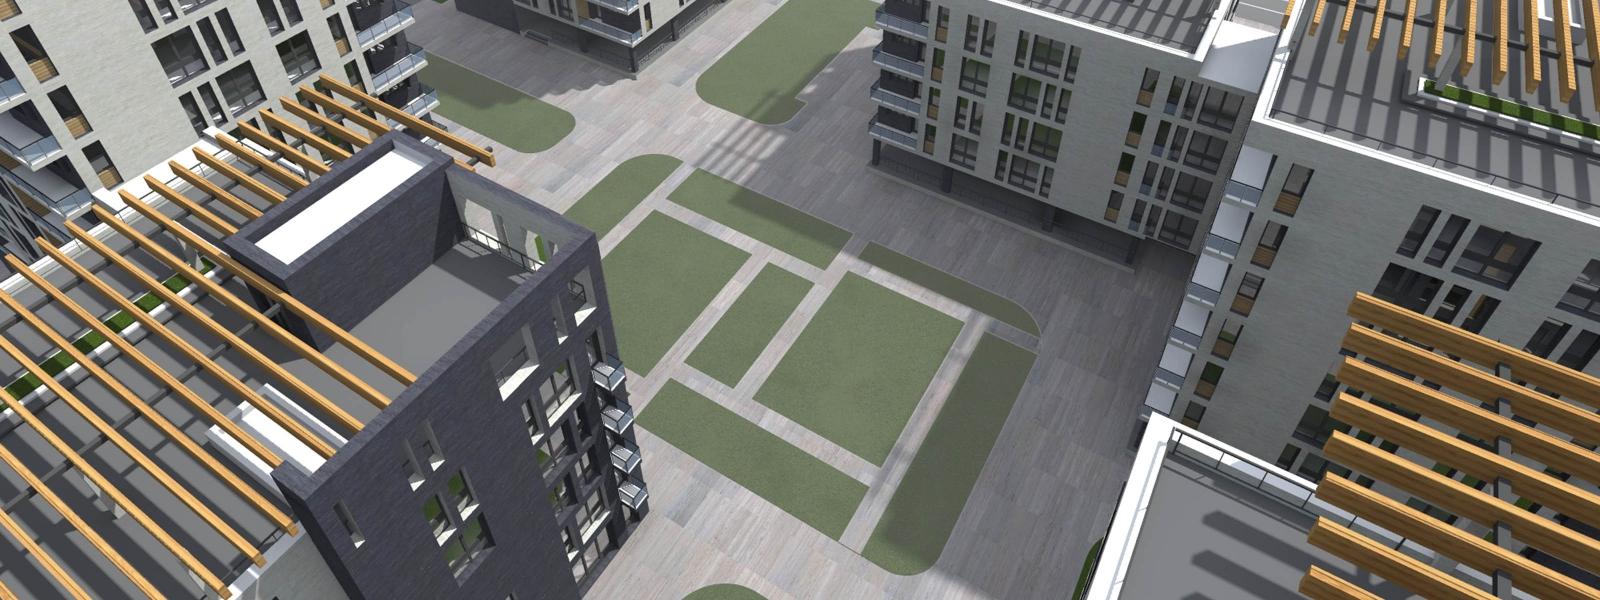 work-Многофункциональный жилой комплекс в условиях реконструируемой среды